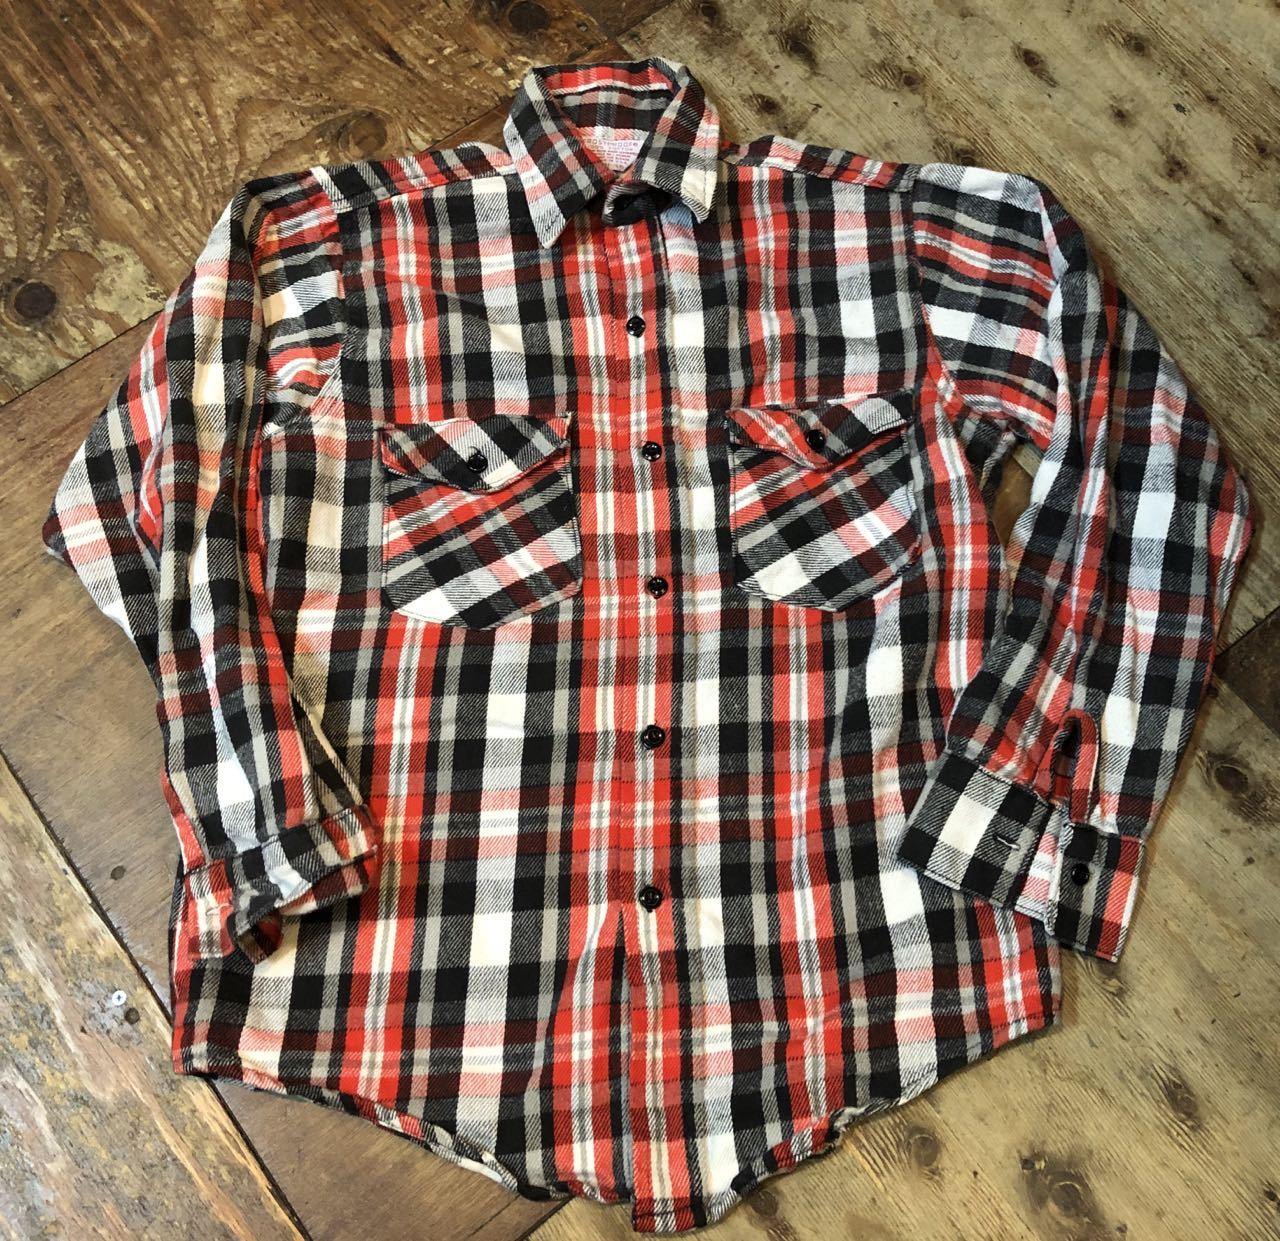 10/6(日)入荷!80s MADE IN U.S.A FROST PROOF ヘビーネルシャツ!_c0144020_14133237.jpg